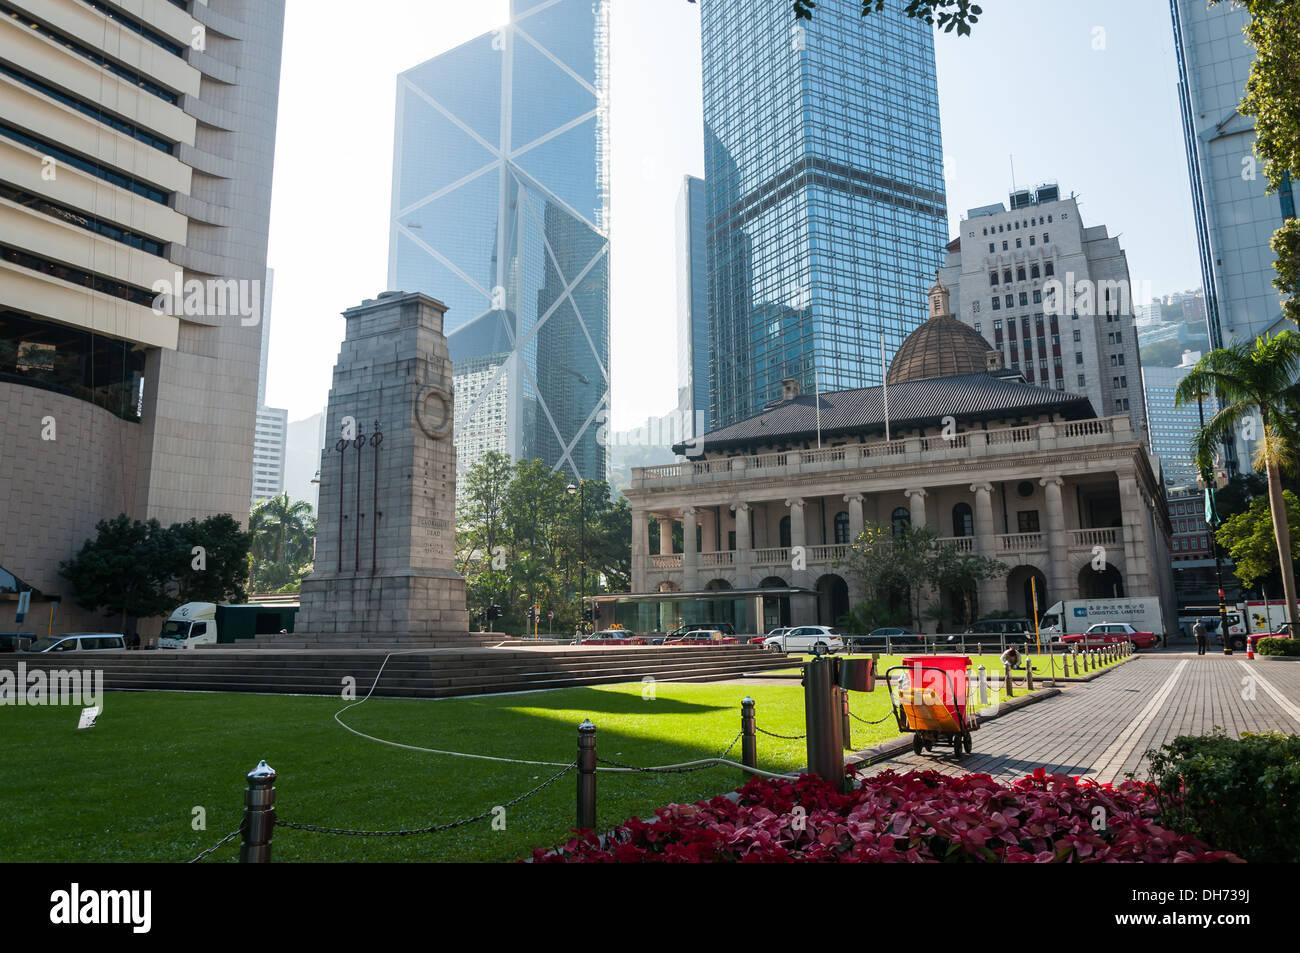 Skyscrapers in Hong Kong. - Stock Image